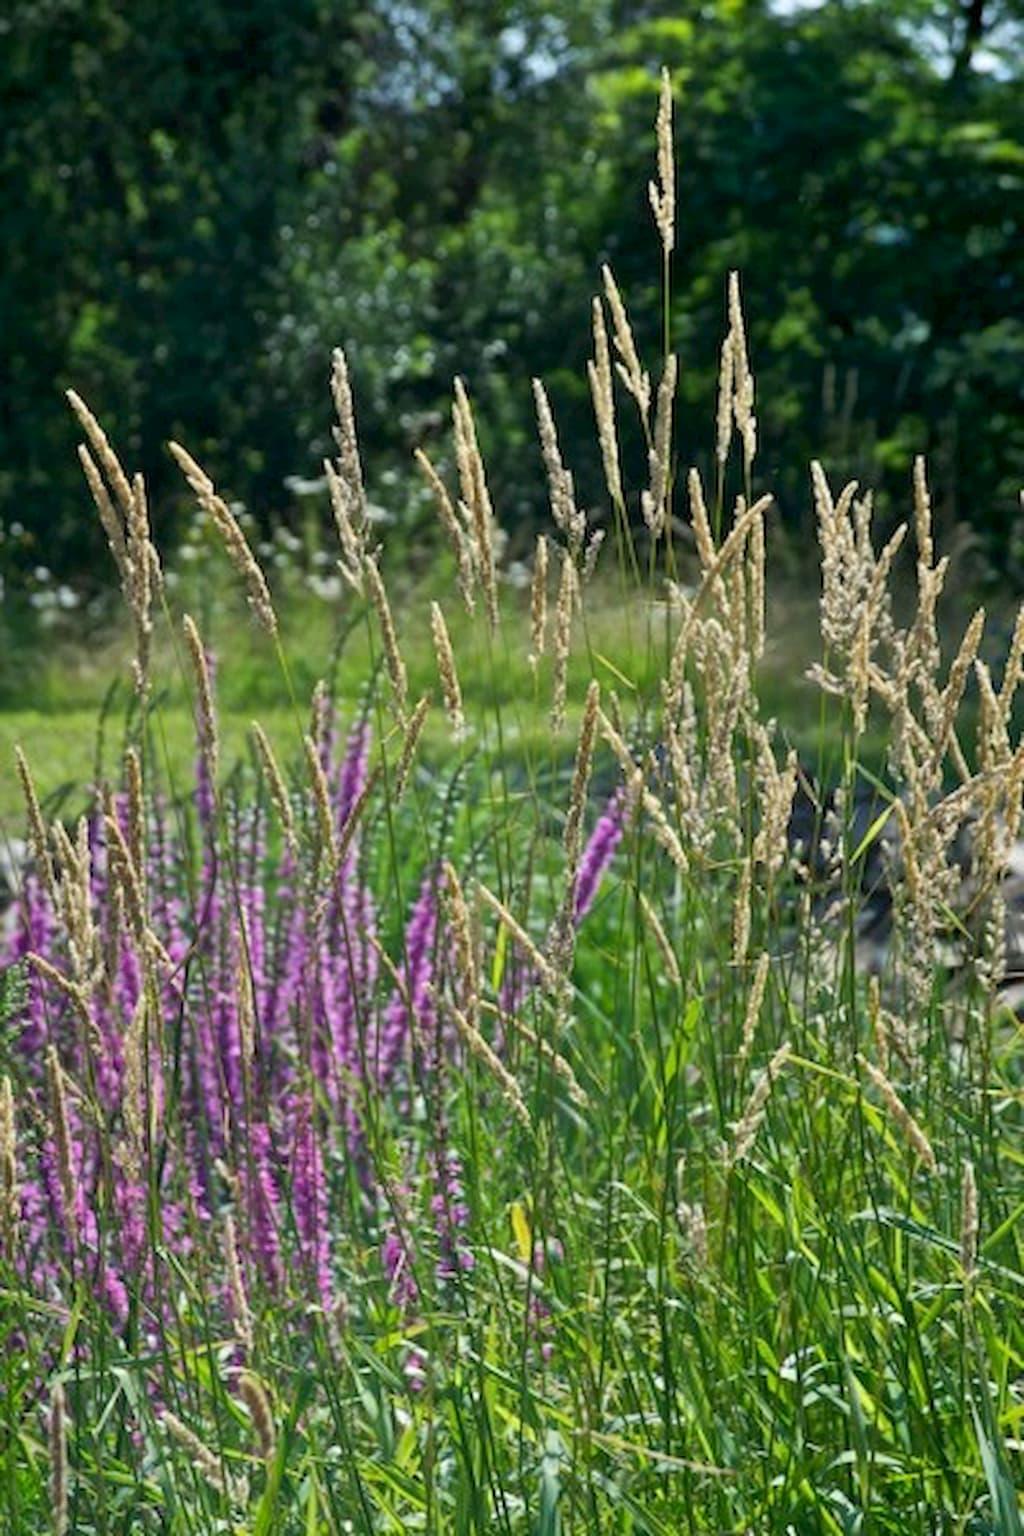 Chrastice rákosovitá - rostliny pro kořenovou čističku